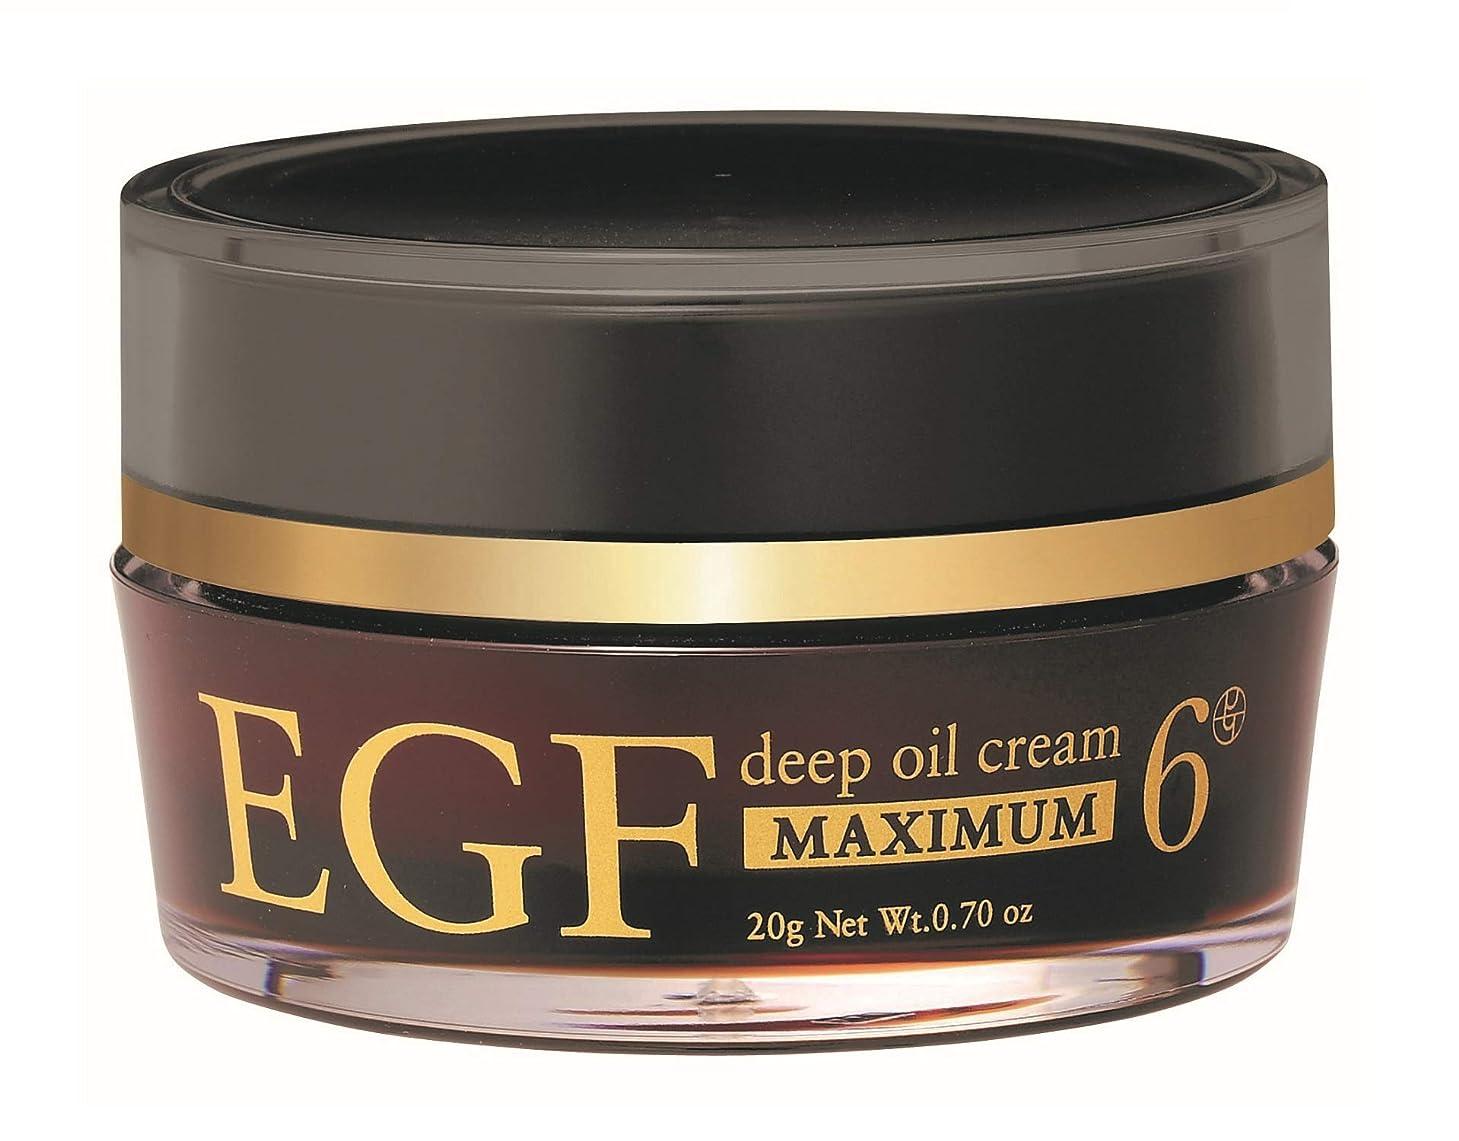 種をまくコインランドリー仮説EGF ディープオイルクリーム マキシマム [ 20g / 濃度6μg ] エイジングケア (高濃度EGFクリーム) 日本製